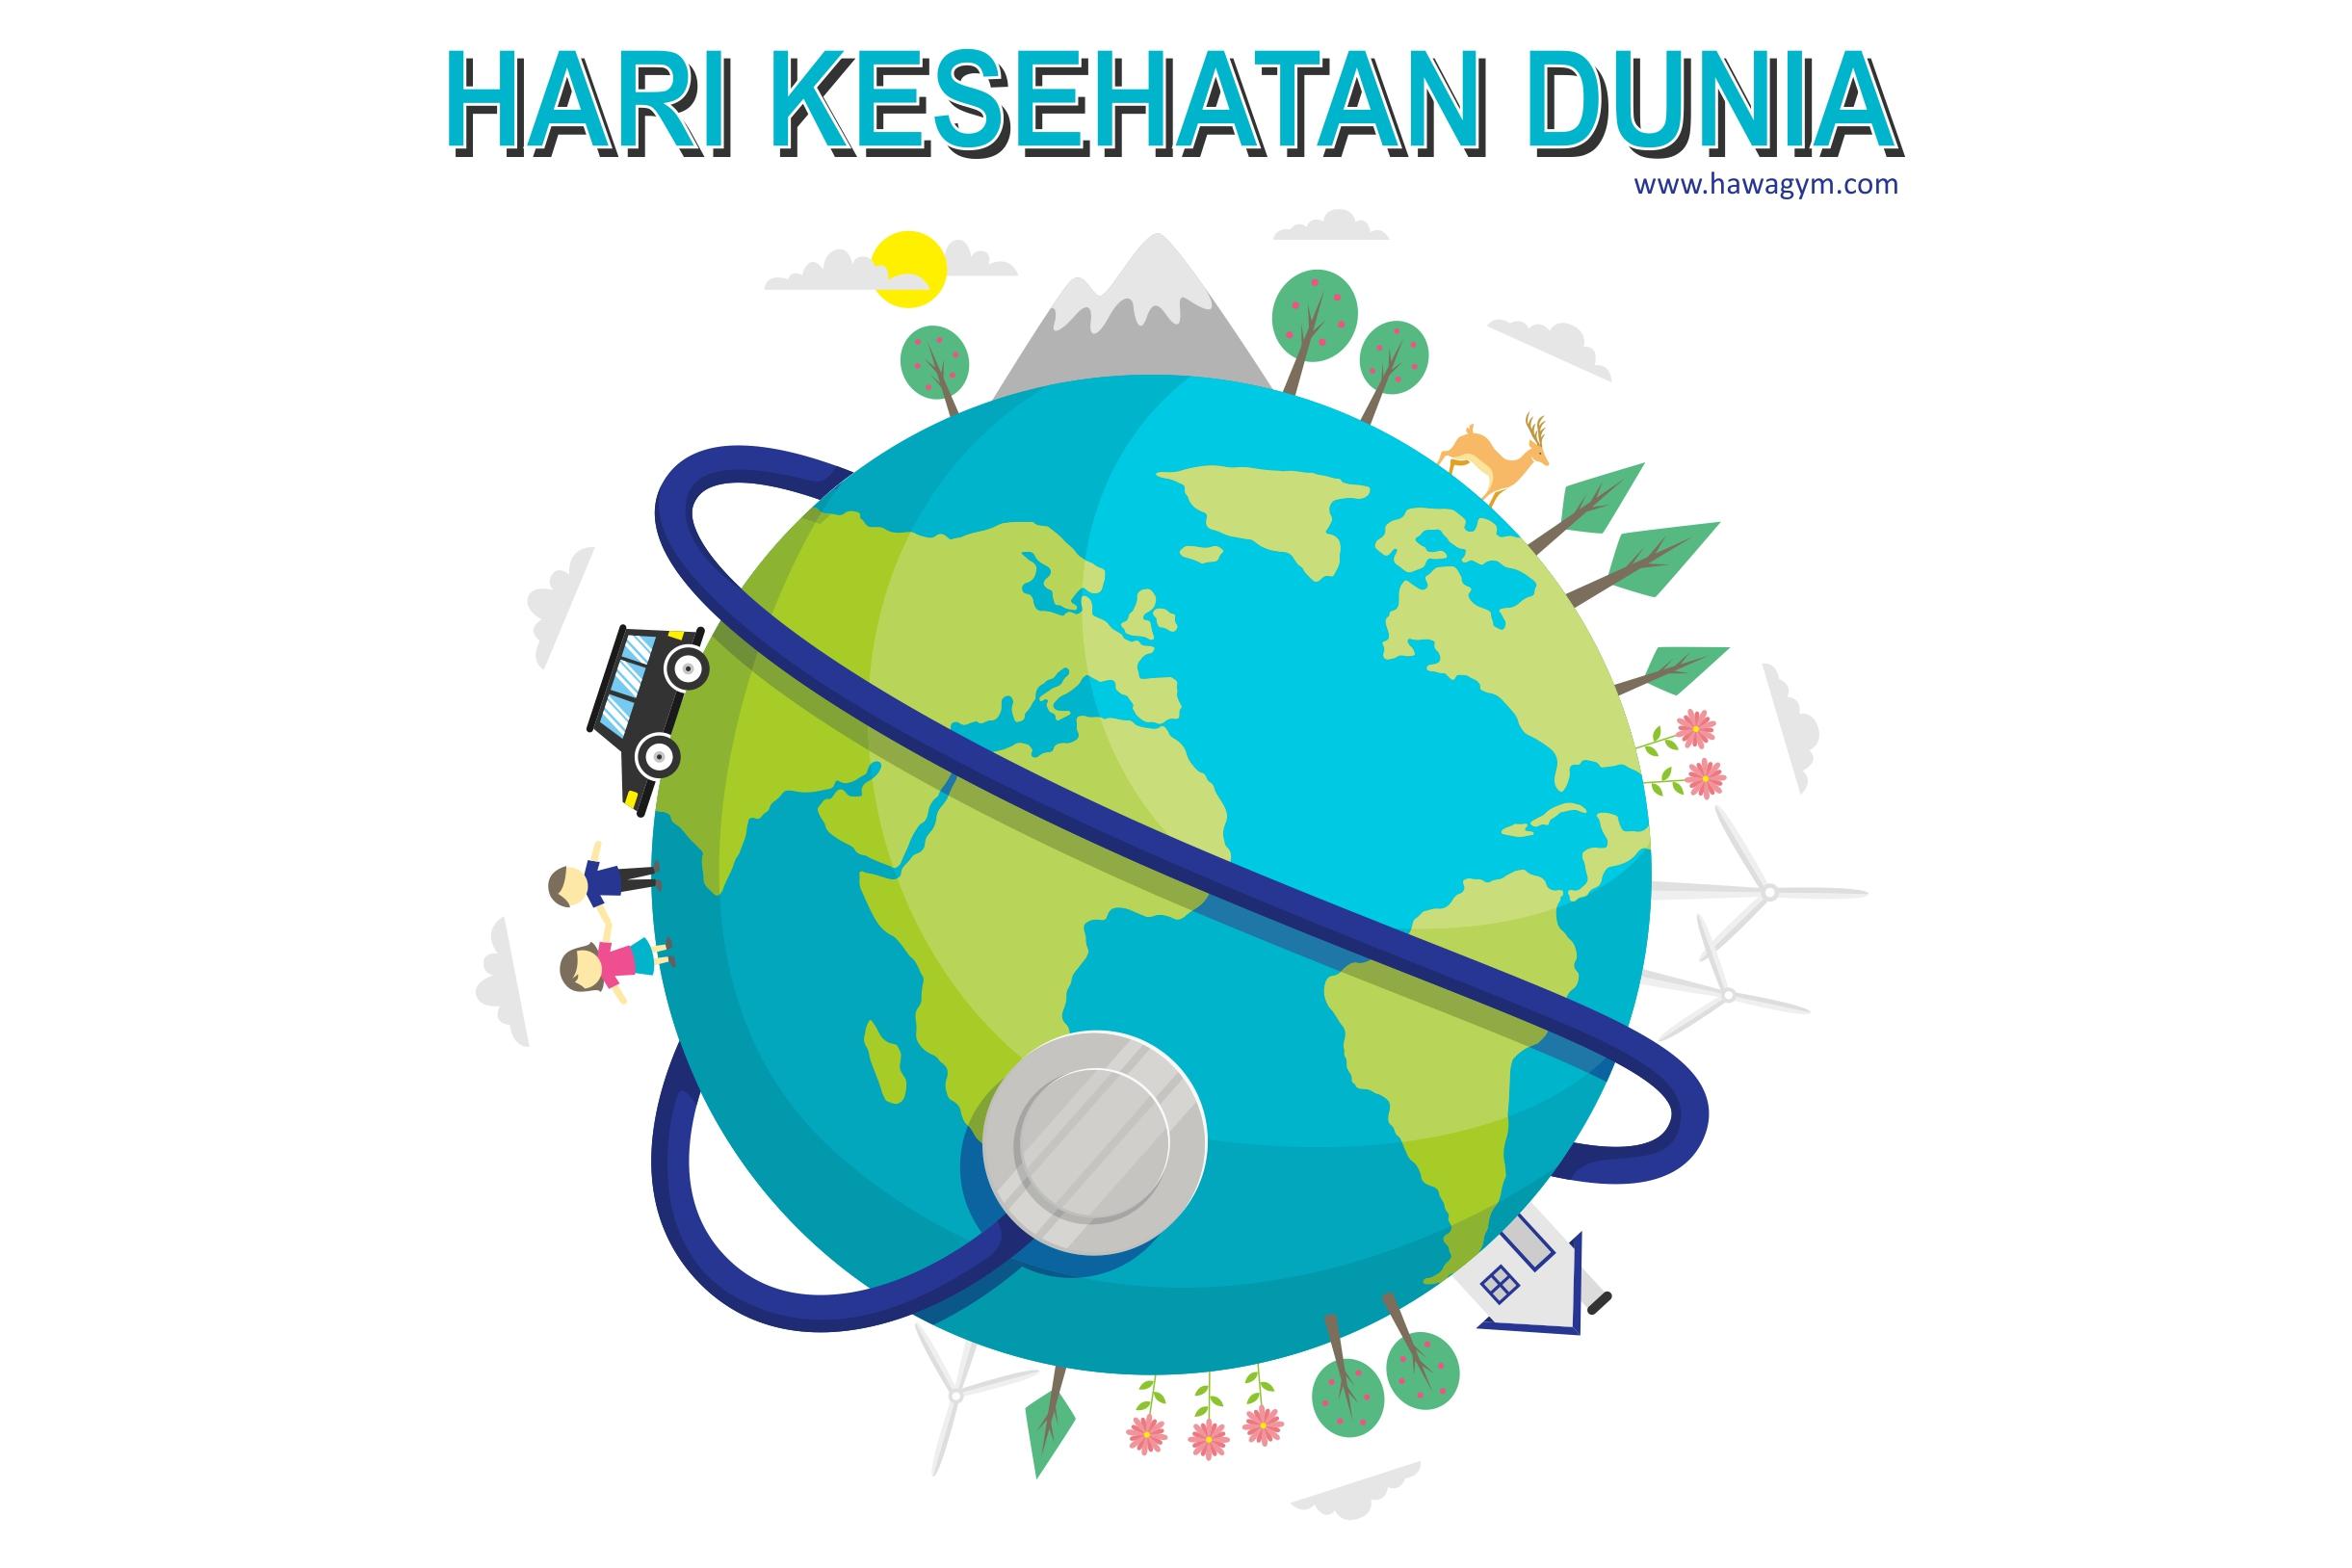 hari-kesehatan-dunia-7-april-2019-by-hawagym-indonesia